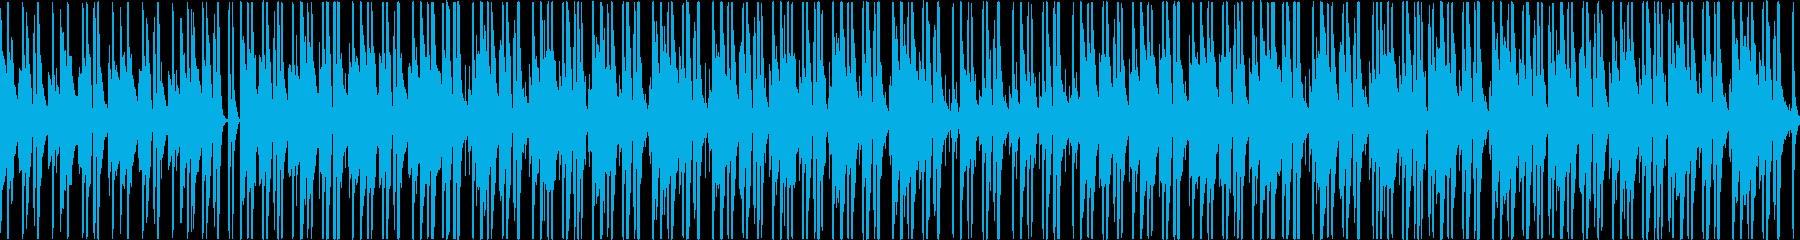 【ループ】穏やかで心地よい春をイメージしの再生済みの波形